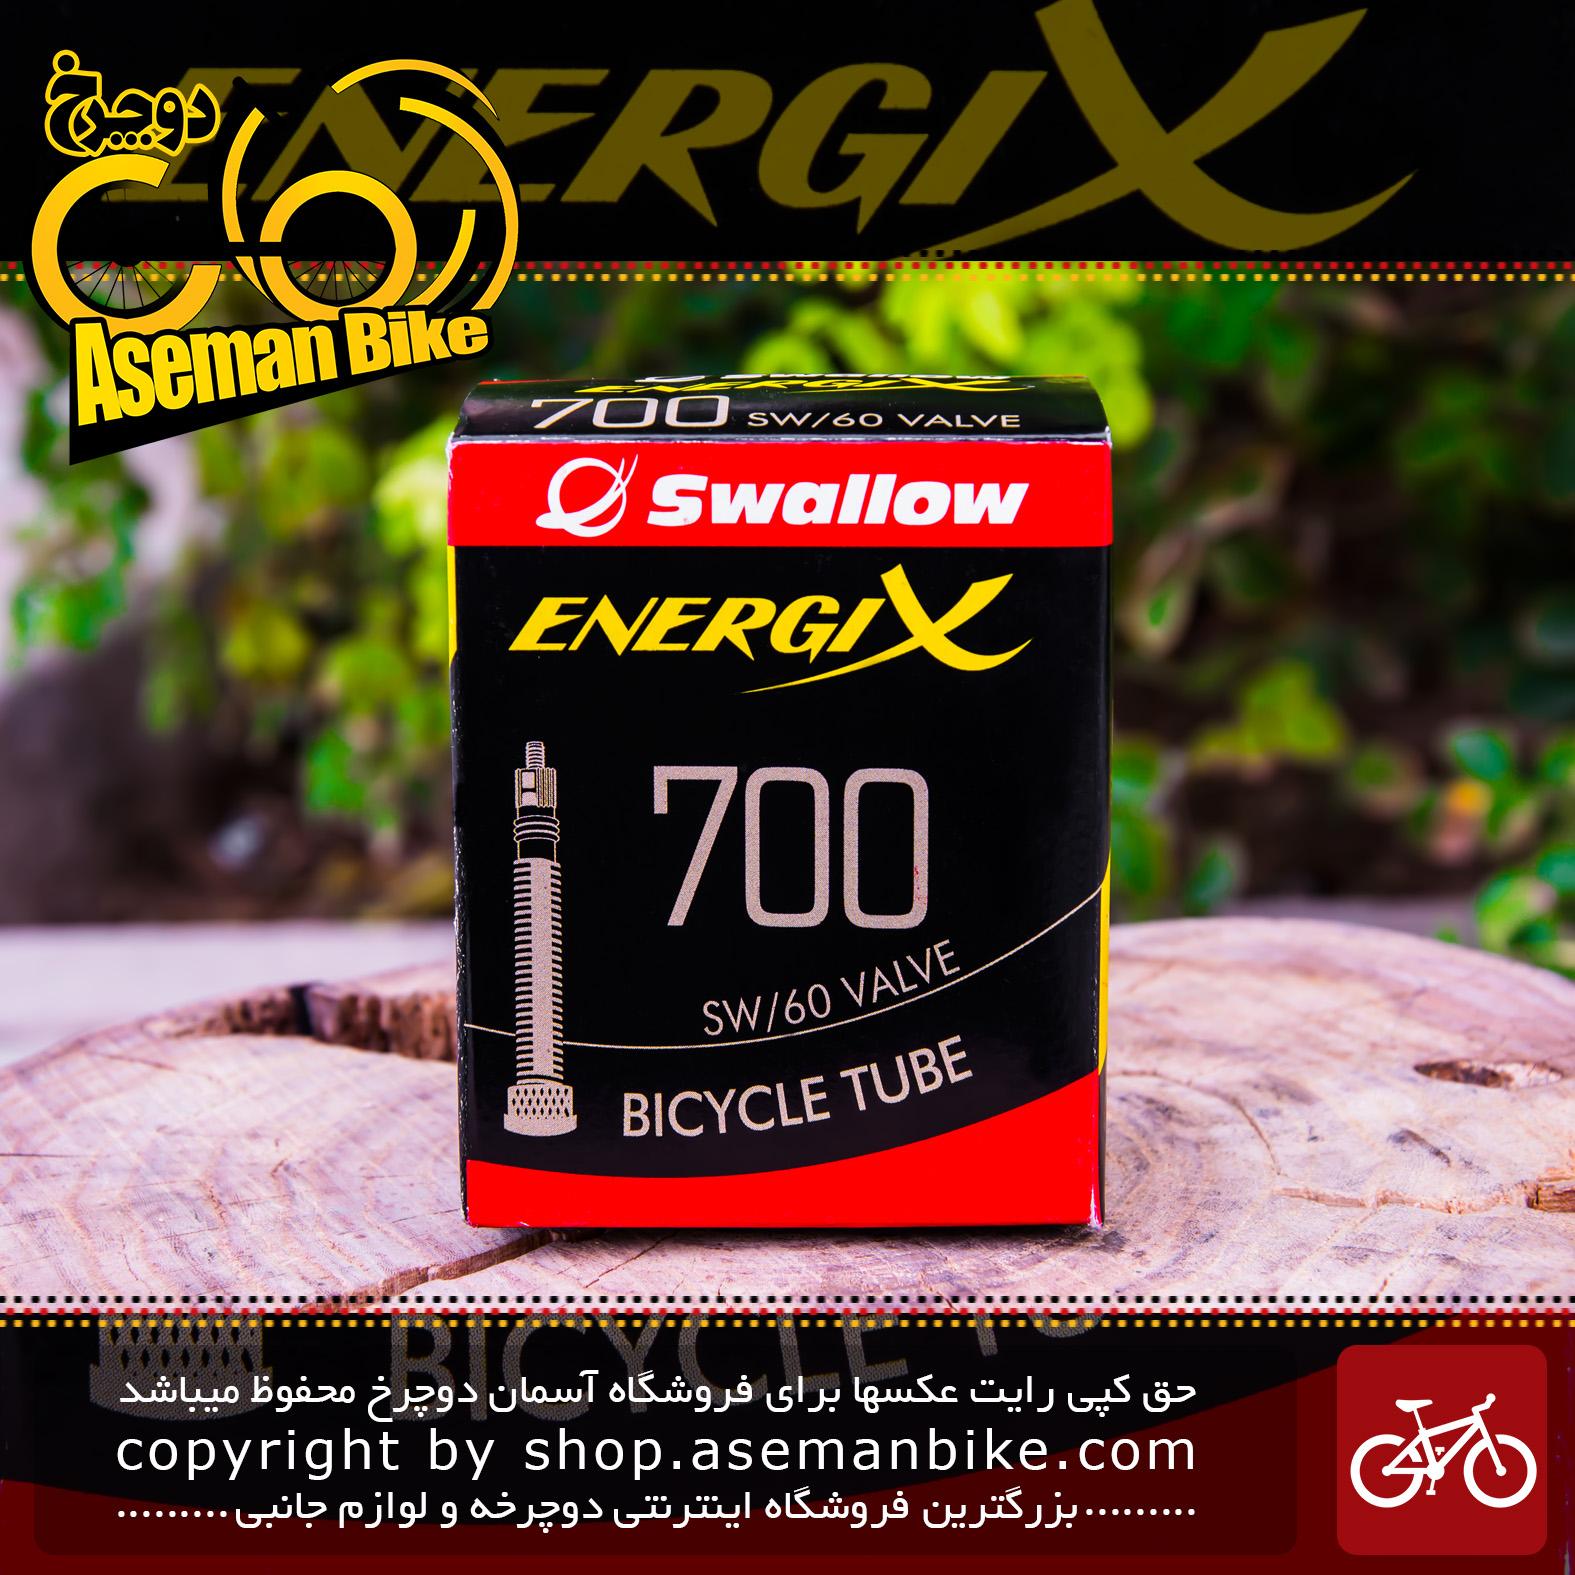 تیوب دوچرخه جاده کورسی برند سالو مدل انرژی ایکس سایز 700 در 20 60 میلیمتری والو پرستا ساخت اندونزی Bicycle Tube Swallow Energy X 700x20 28 SW 60mm Valve Presta Made In Indonesia